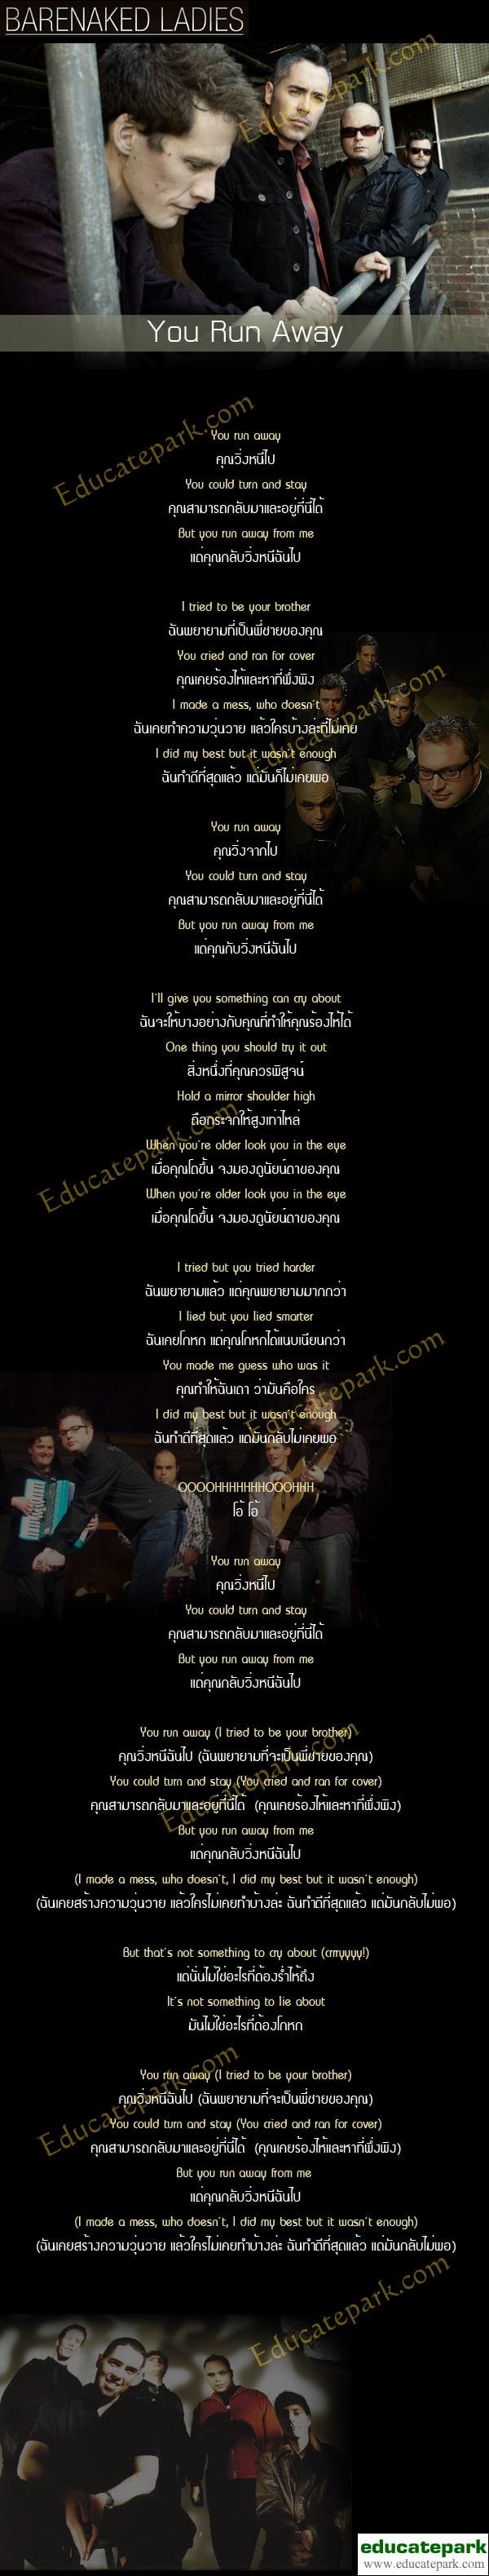 แปลเพลง You Run Away - Barenaked Ladies